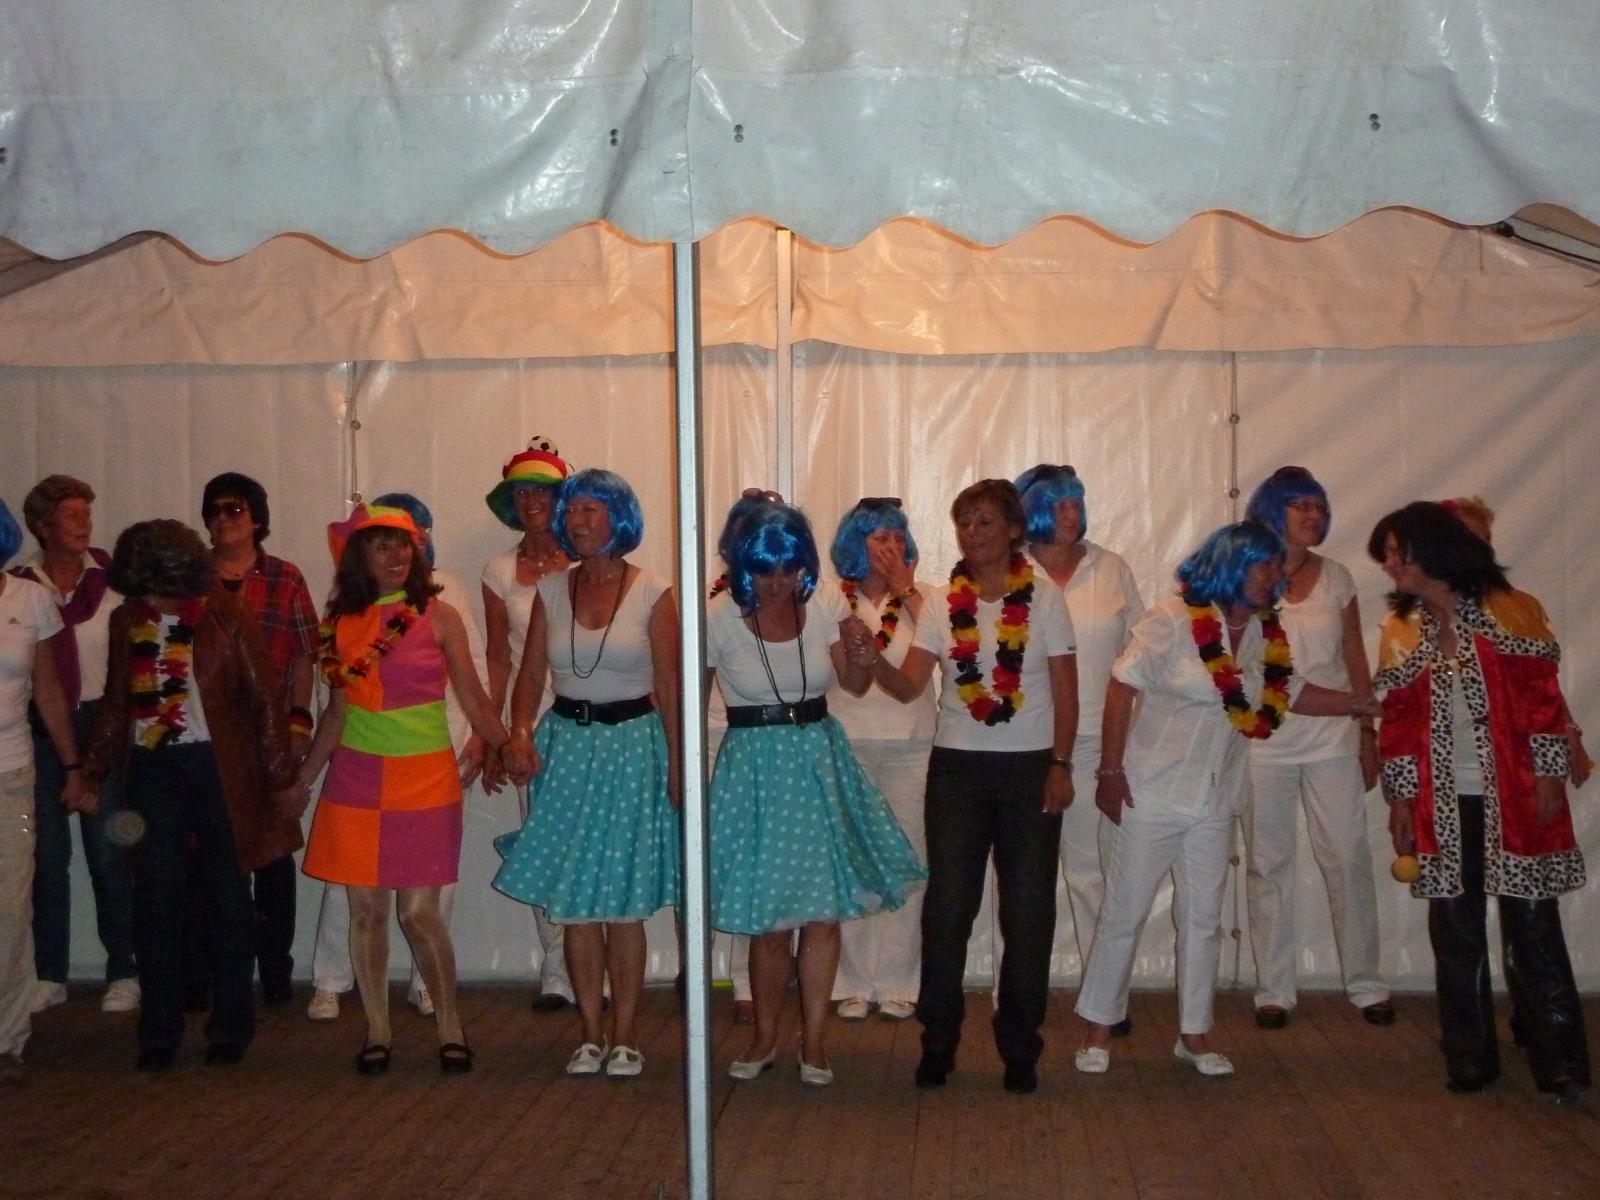 Dorfbrunnenfest-August-2010-058-Gruppe